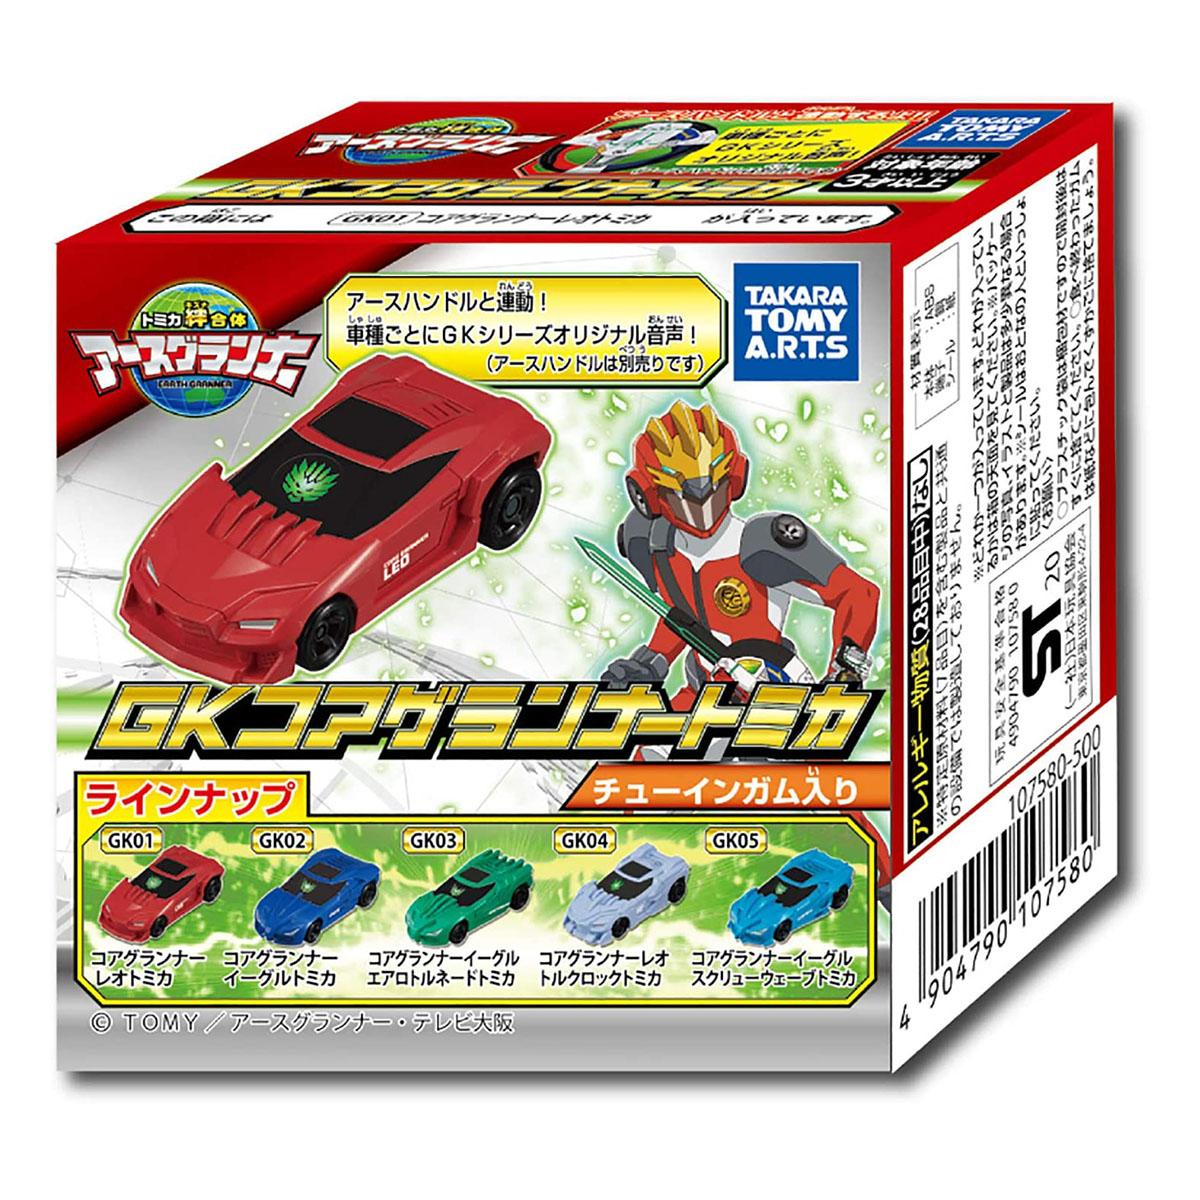 【食玩】トミカ絆合体 アースグランナー『GKコアグランナートミカ』10個入りBOX-001